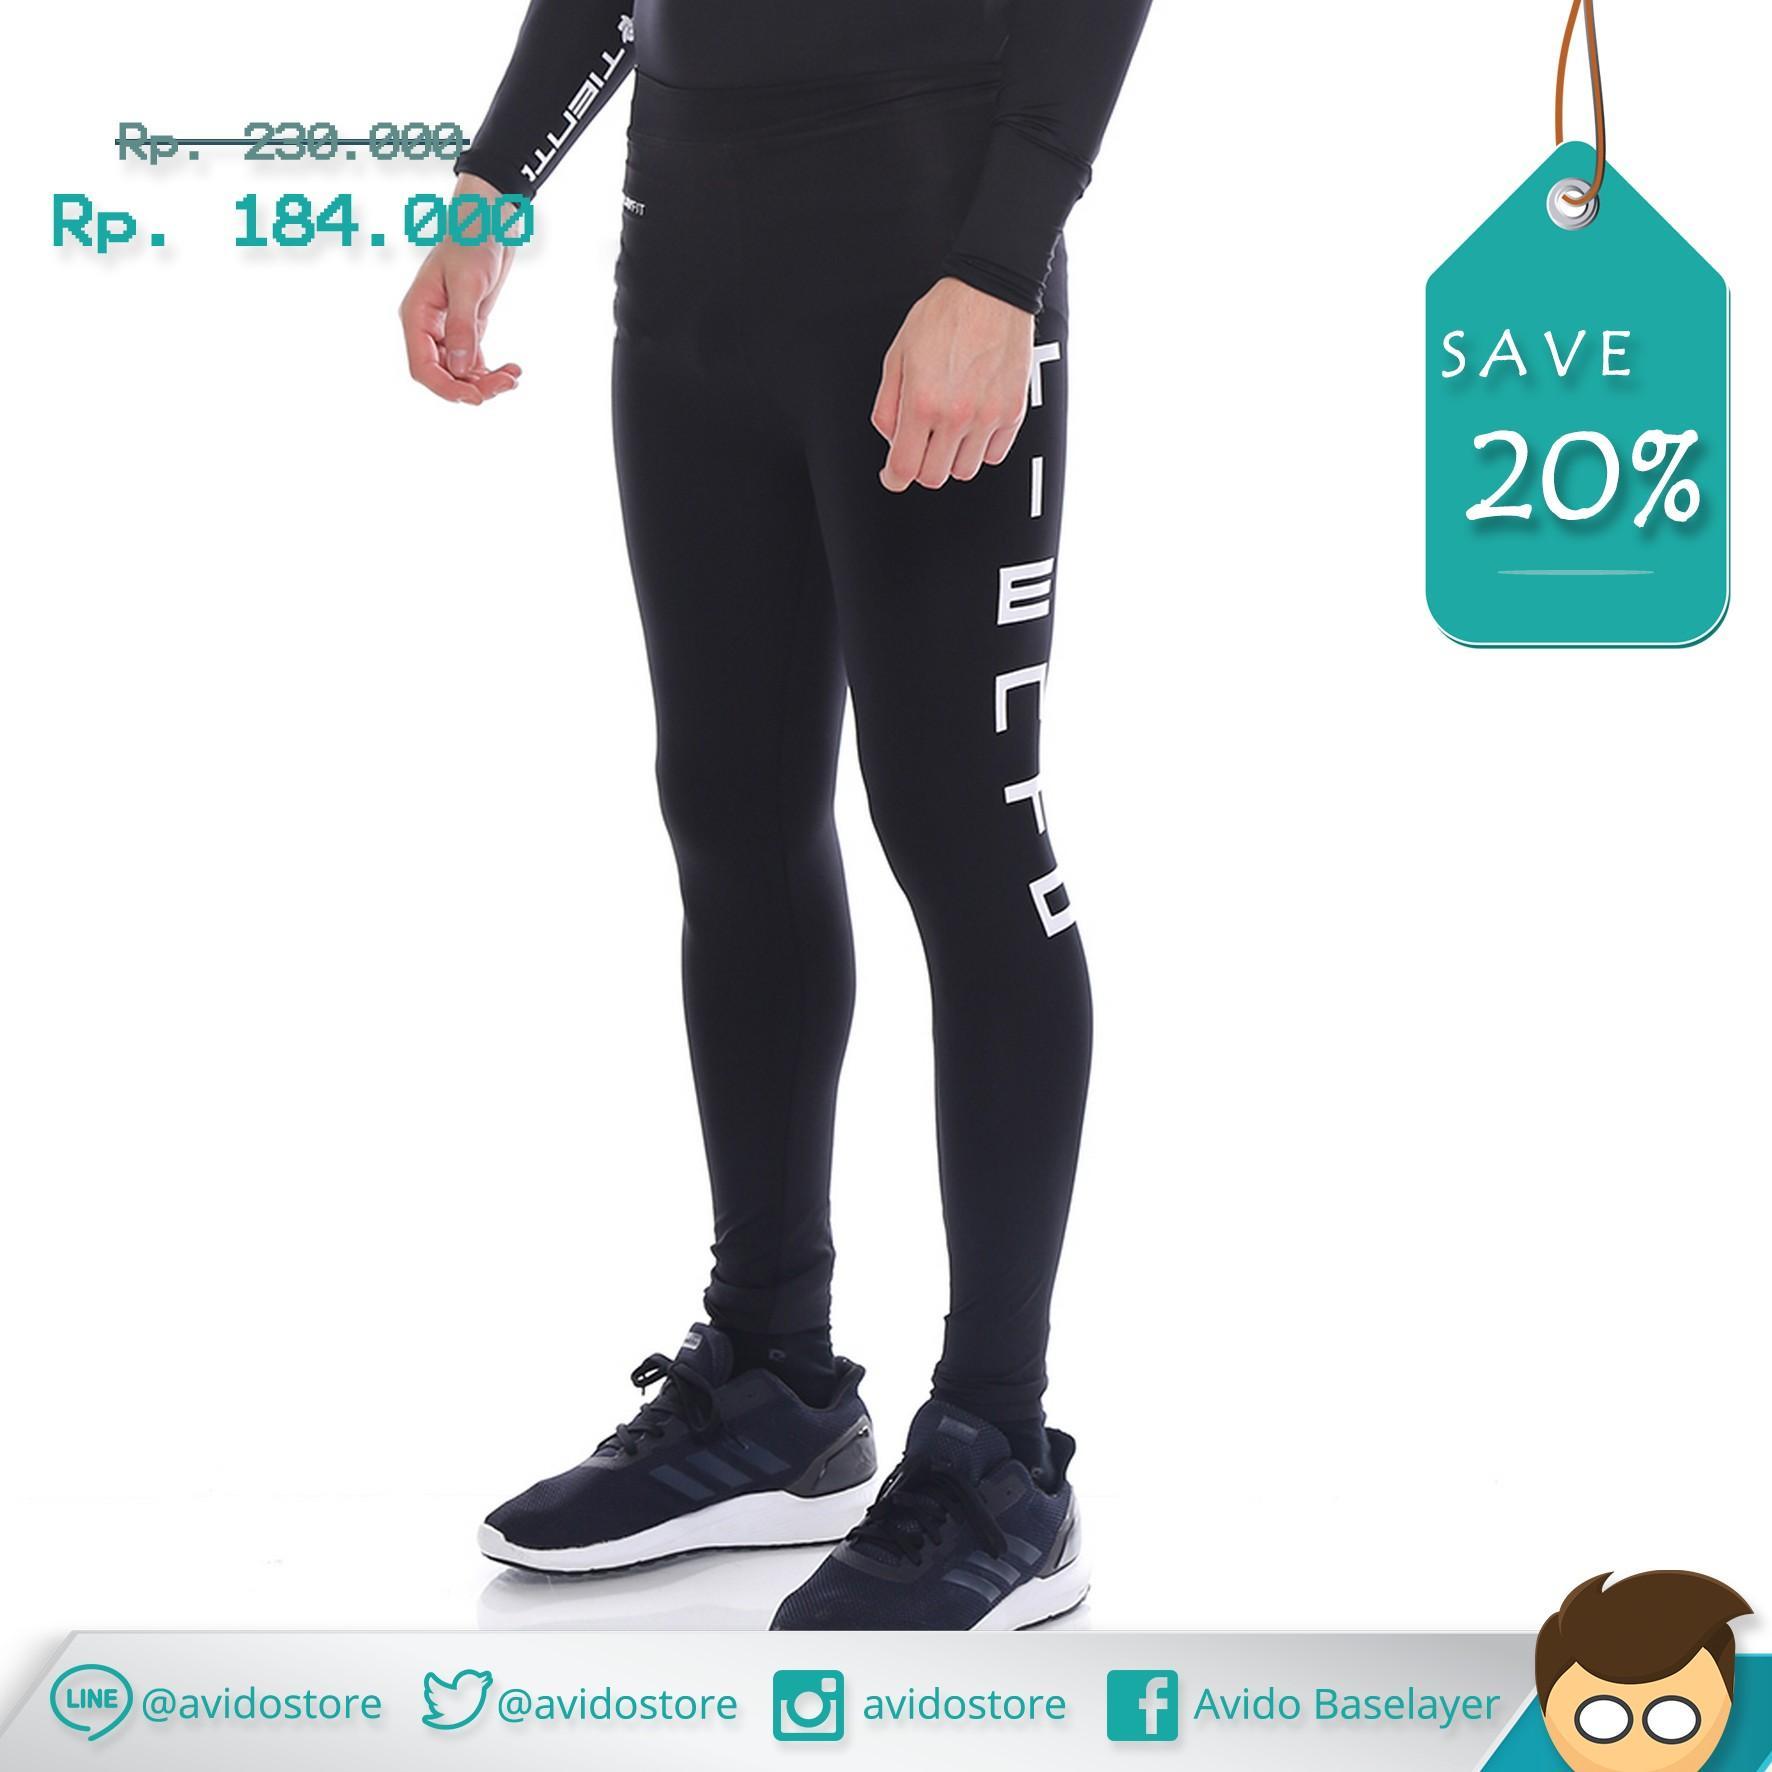 Manset Olahraga Pria Terbaik Premium Base Layer Sports Compression Adidas Nike Under Armour Tiento Baselayer Rash Guard Celana Panjang Renang Running Fitness Zumba Gym Legging Leging